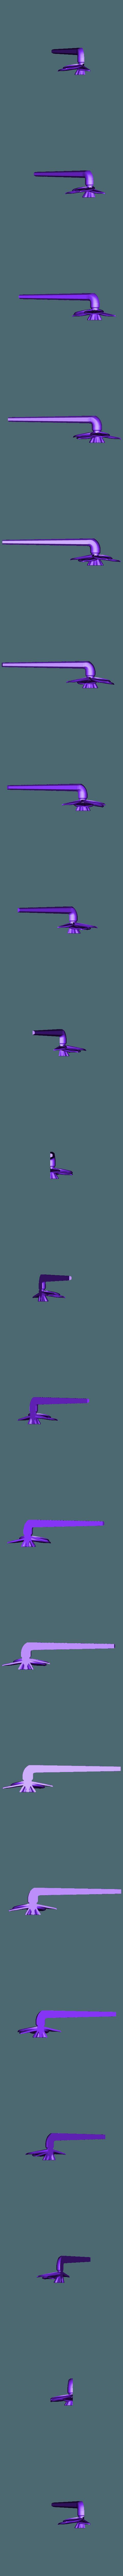 narcissus_type_c_split_left.stl Télécharger fichier STL gratuit Narcisses de printemps • Design imprimable en 3D, tone001